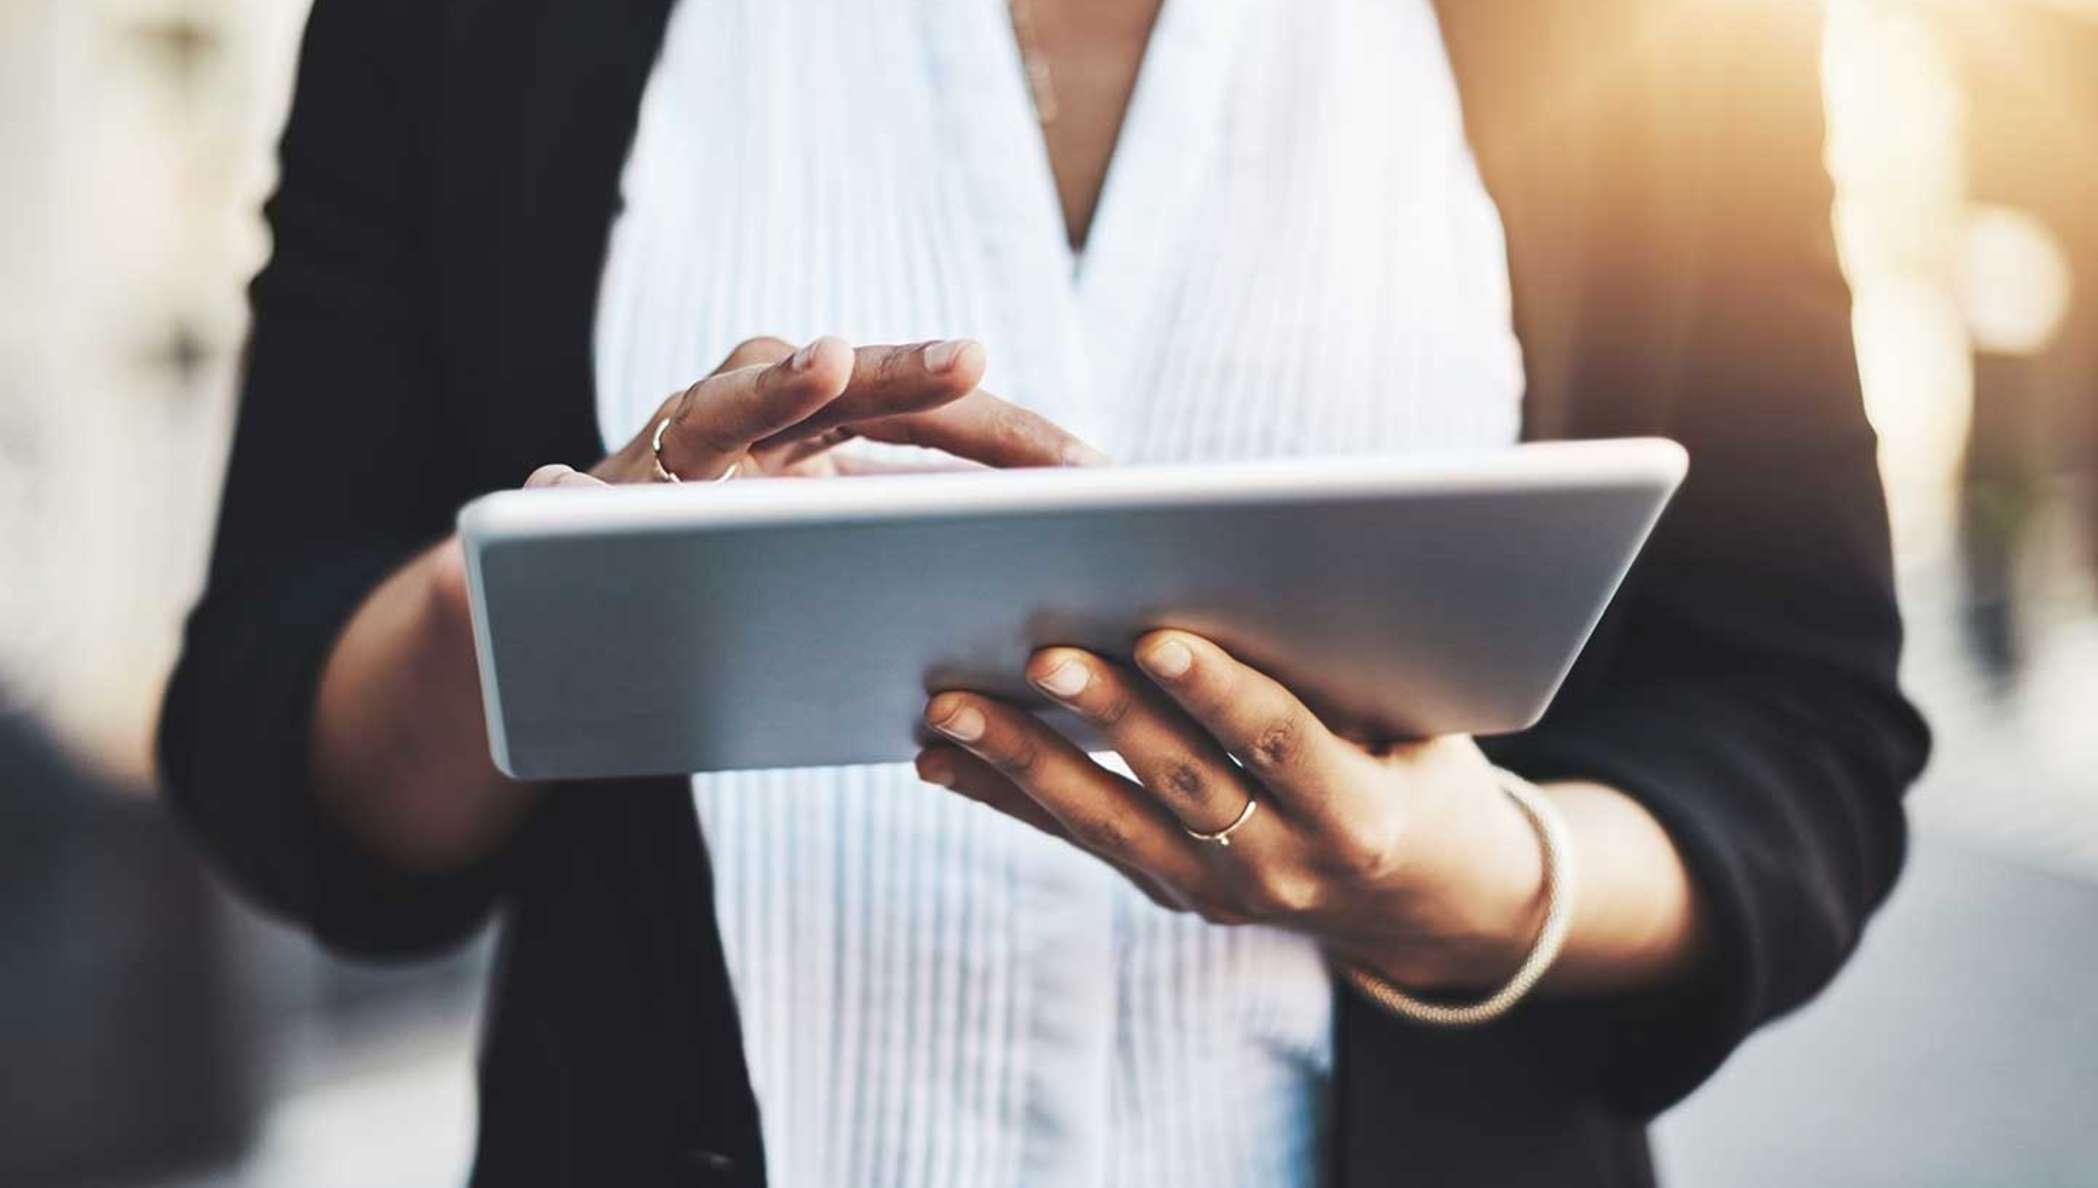 Une femme d'affaires consulte sa tablette pour trouver des informations sur un document à signer.